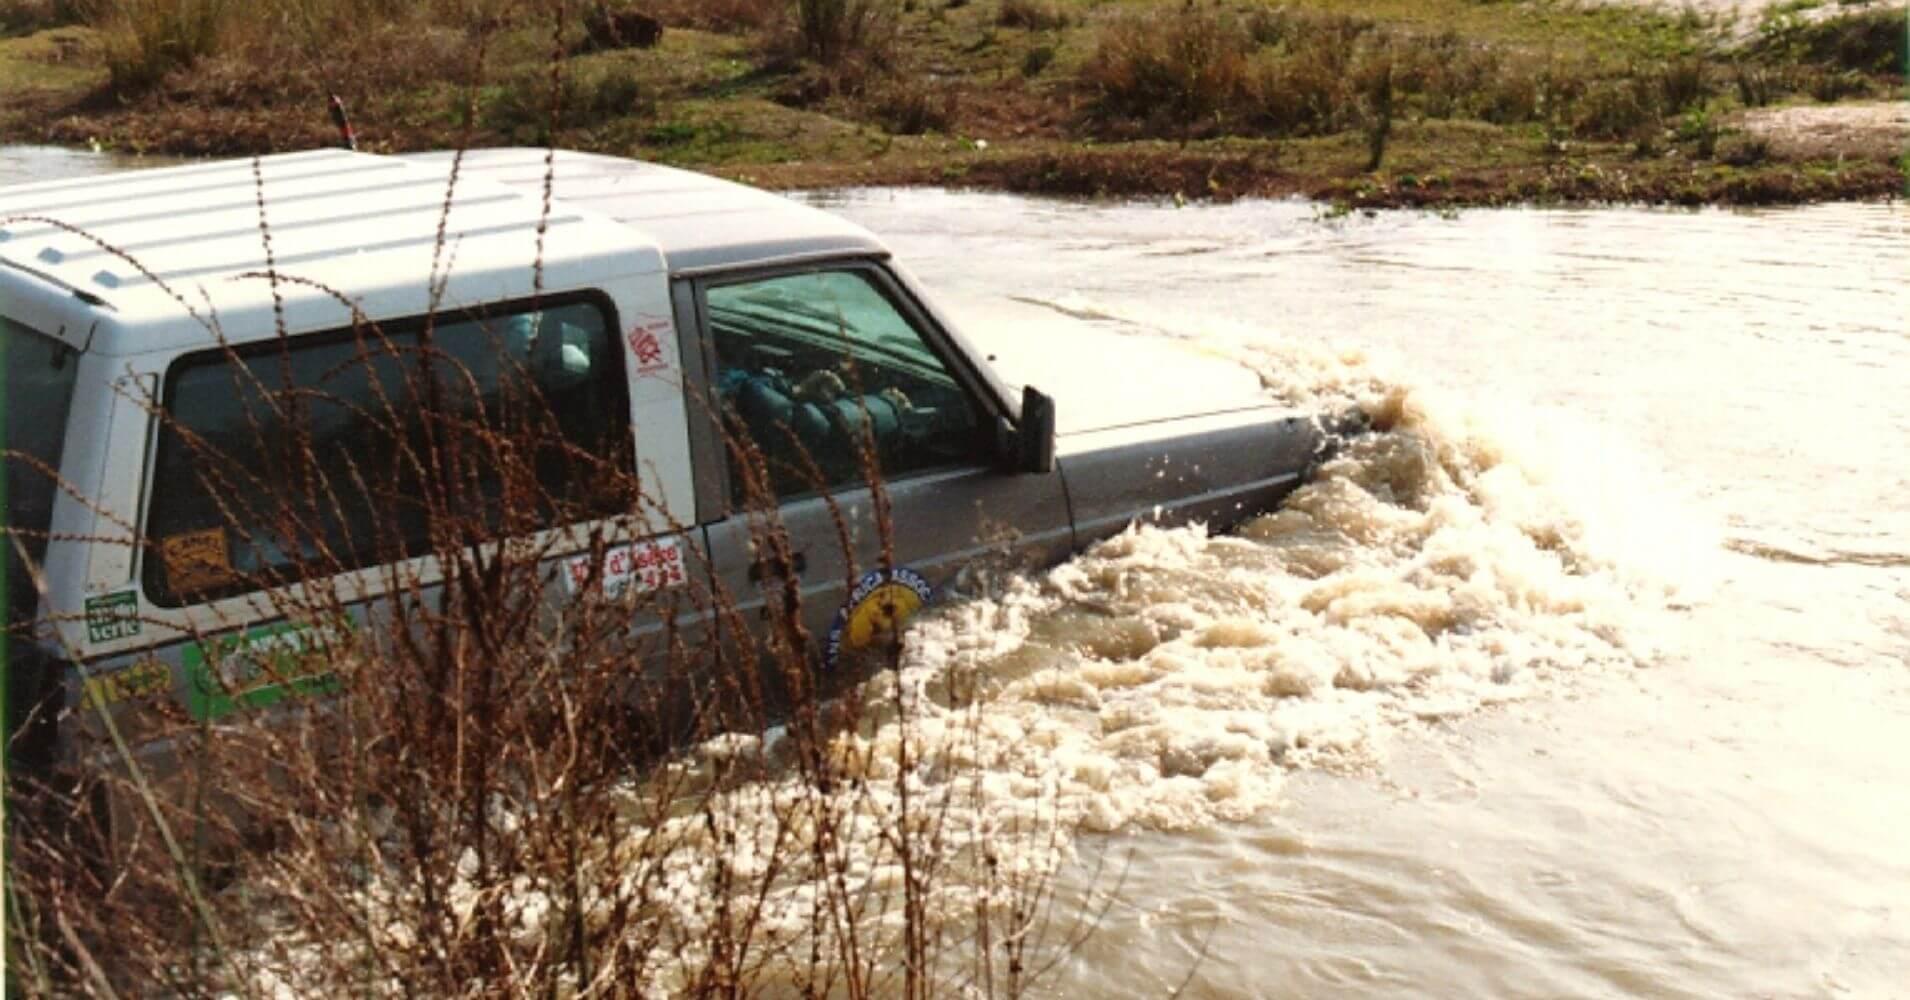 Rutas 4X4 en España. Nissan Patrol Vadeando Río. Foto Tony Mediavilla.